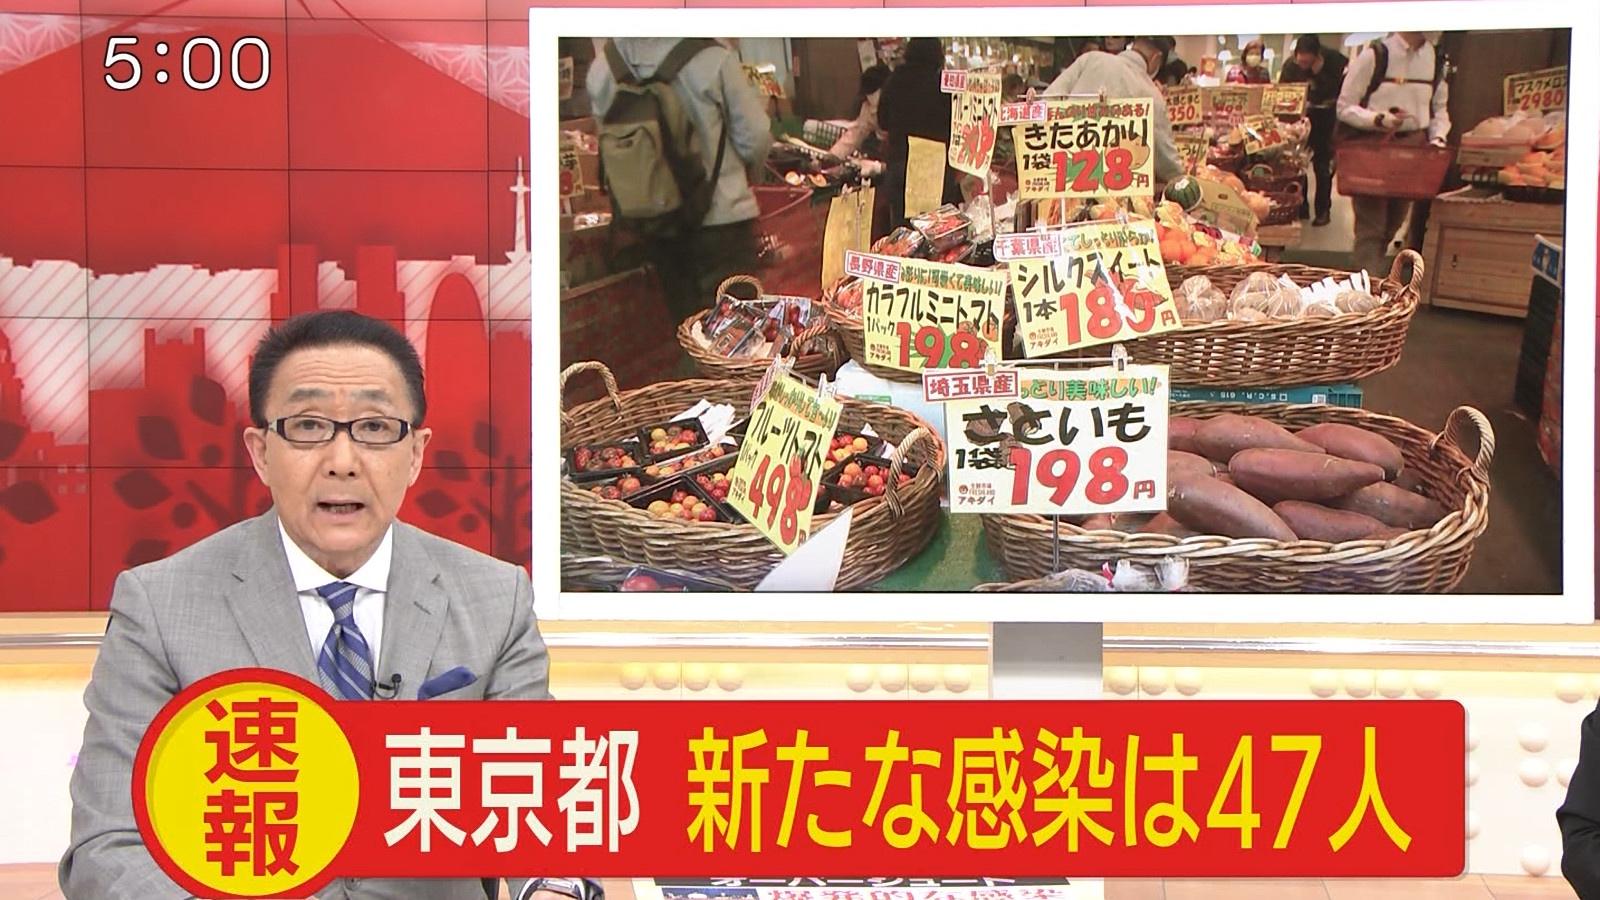 【速報】東京で新たに45人以上新型コロナ感染 これまでで最多